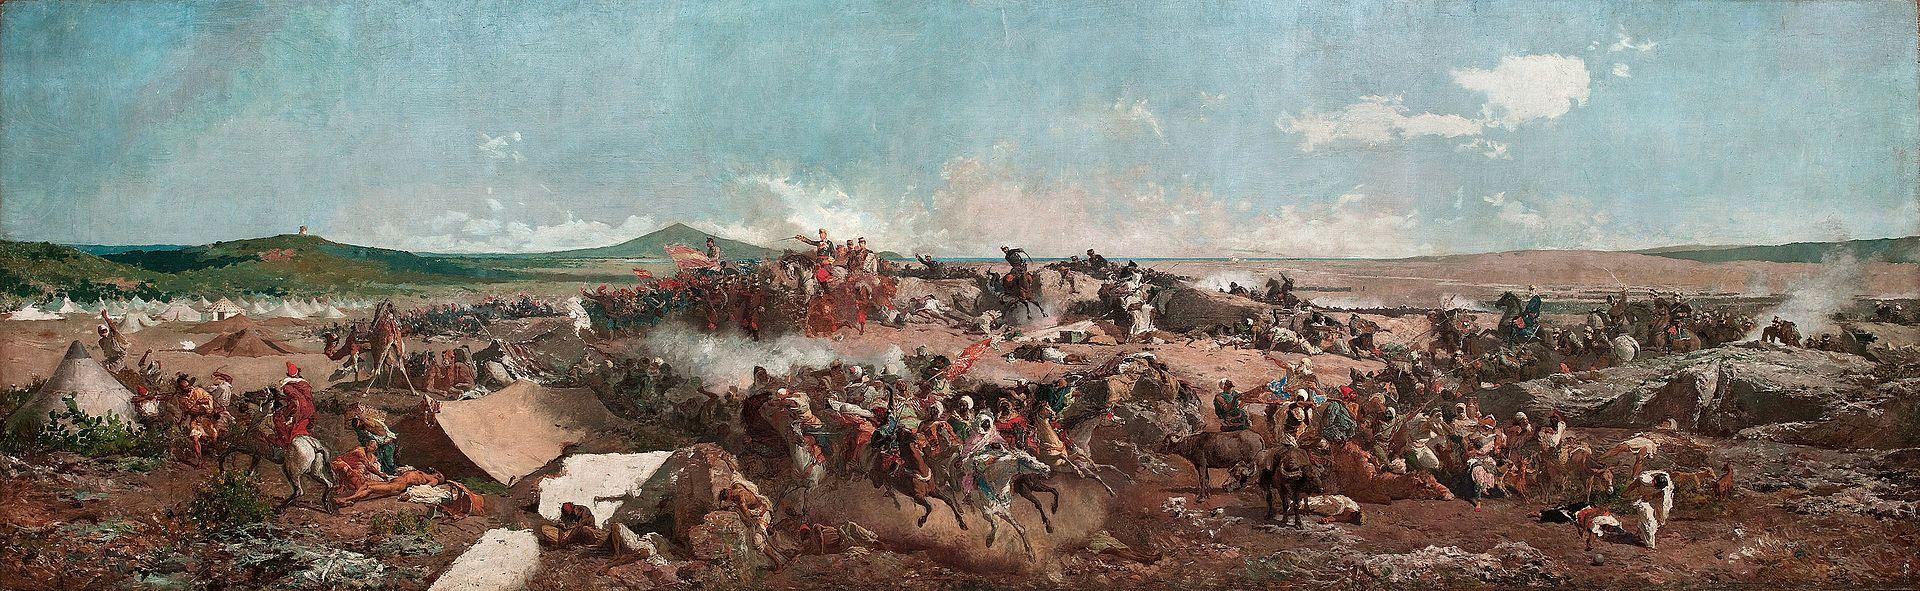 Битва при Тетуане. Картина Мариано Фортунити. - La Batalla de Tetuán (Национальный музей искусства Каталонии, 1862-64.